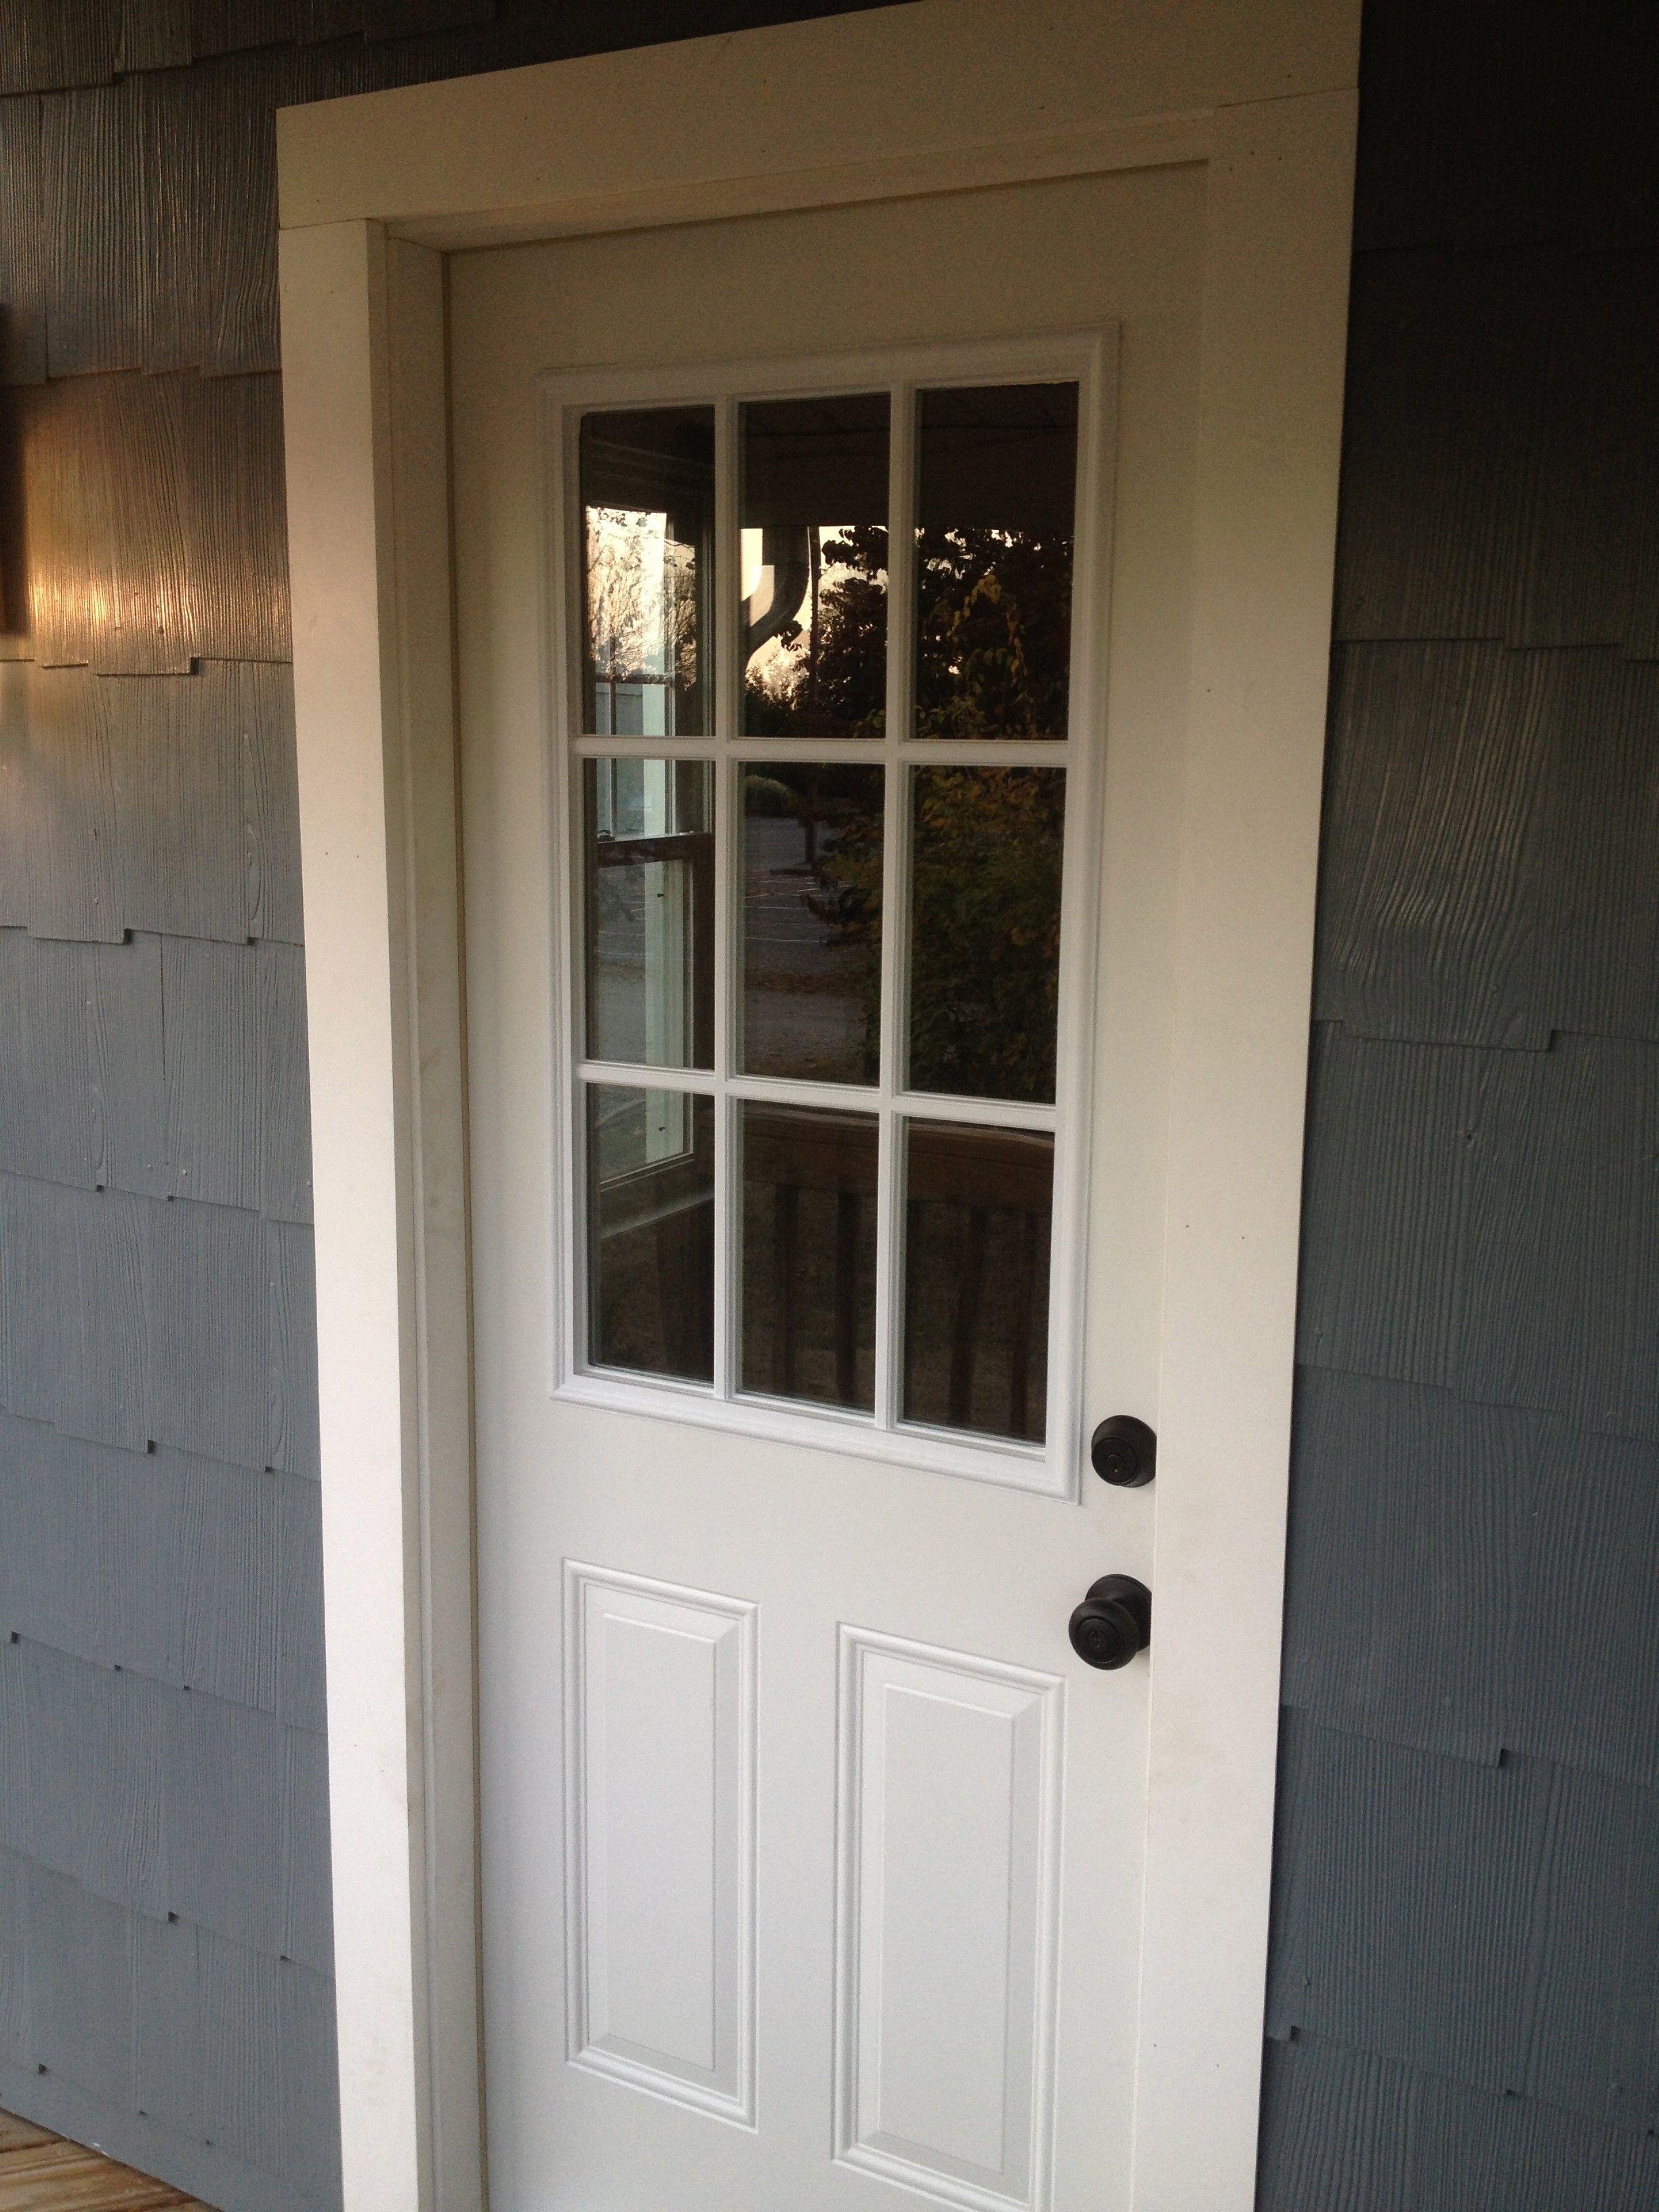 moldings door solutions remodeling exterior stucco rbm garage u trim llc doors idea with